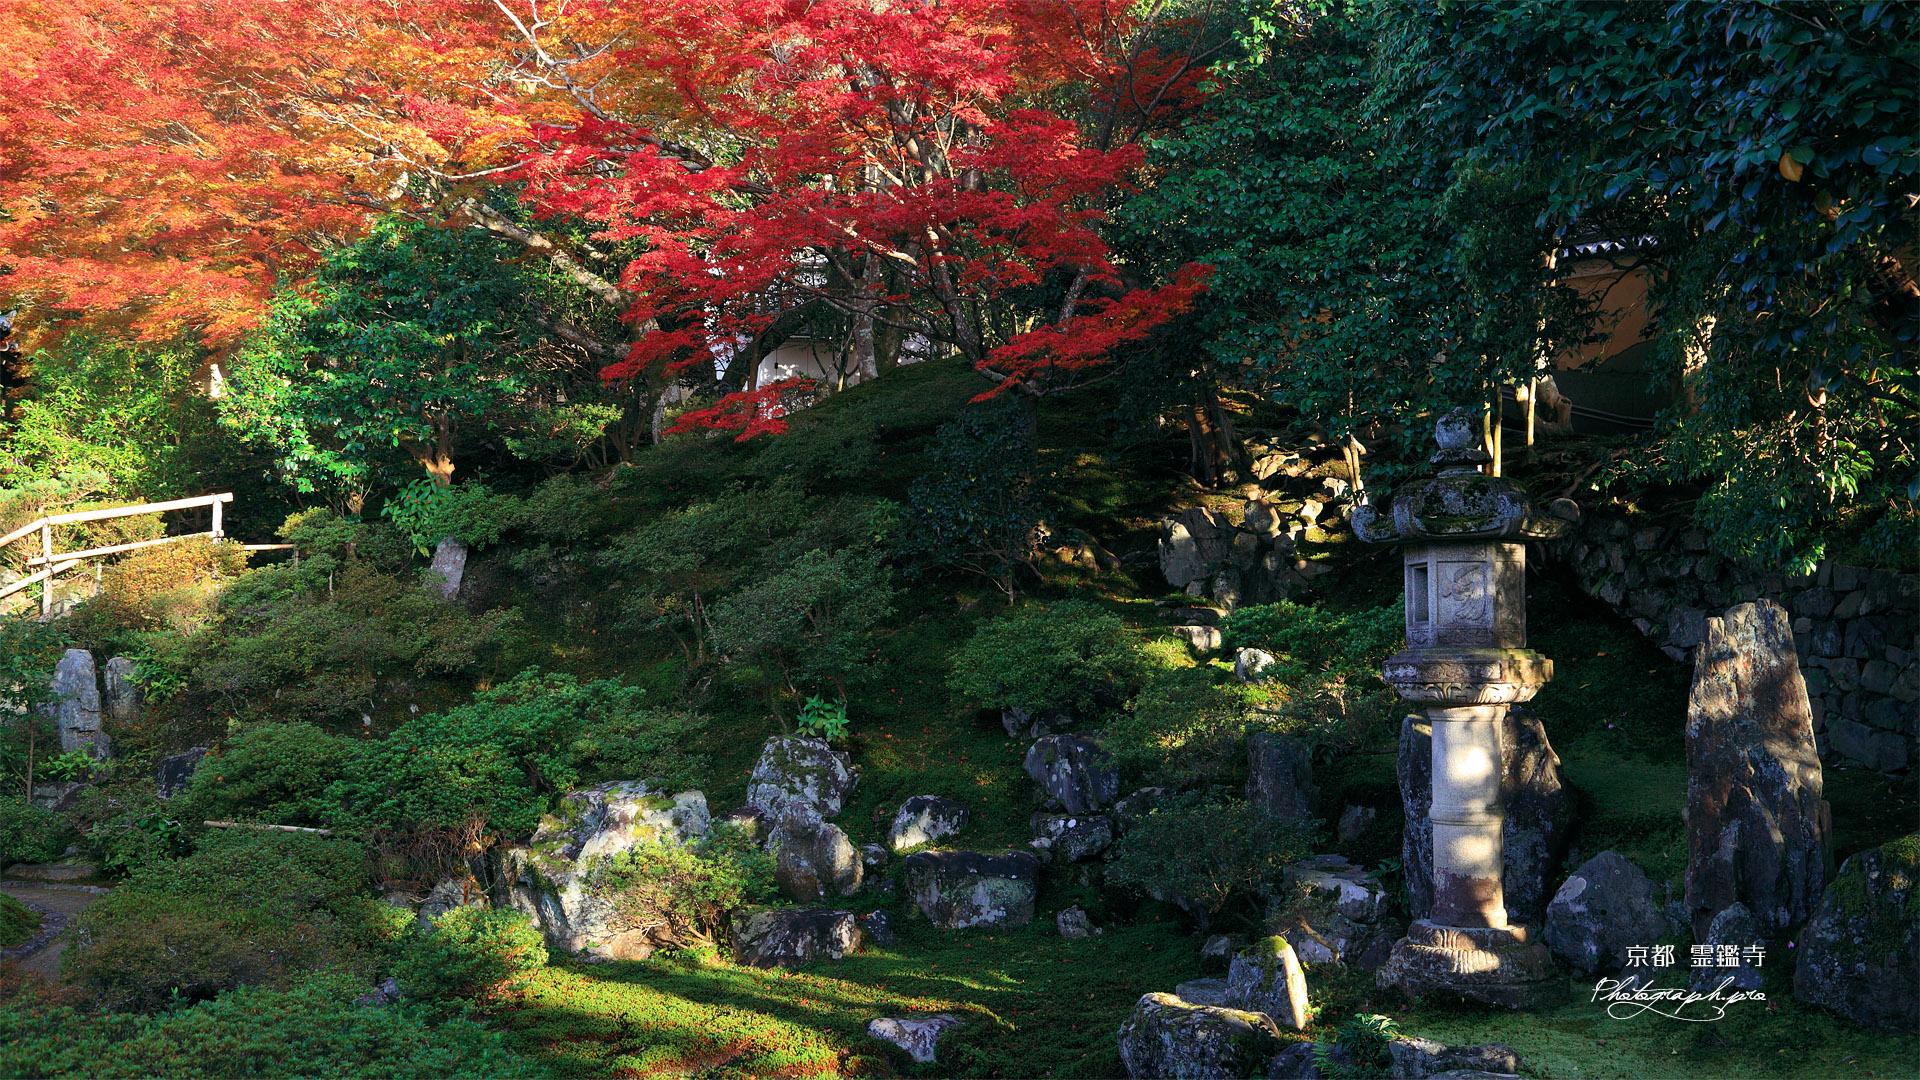 霊鑑寺 書院前庭の紅葉